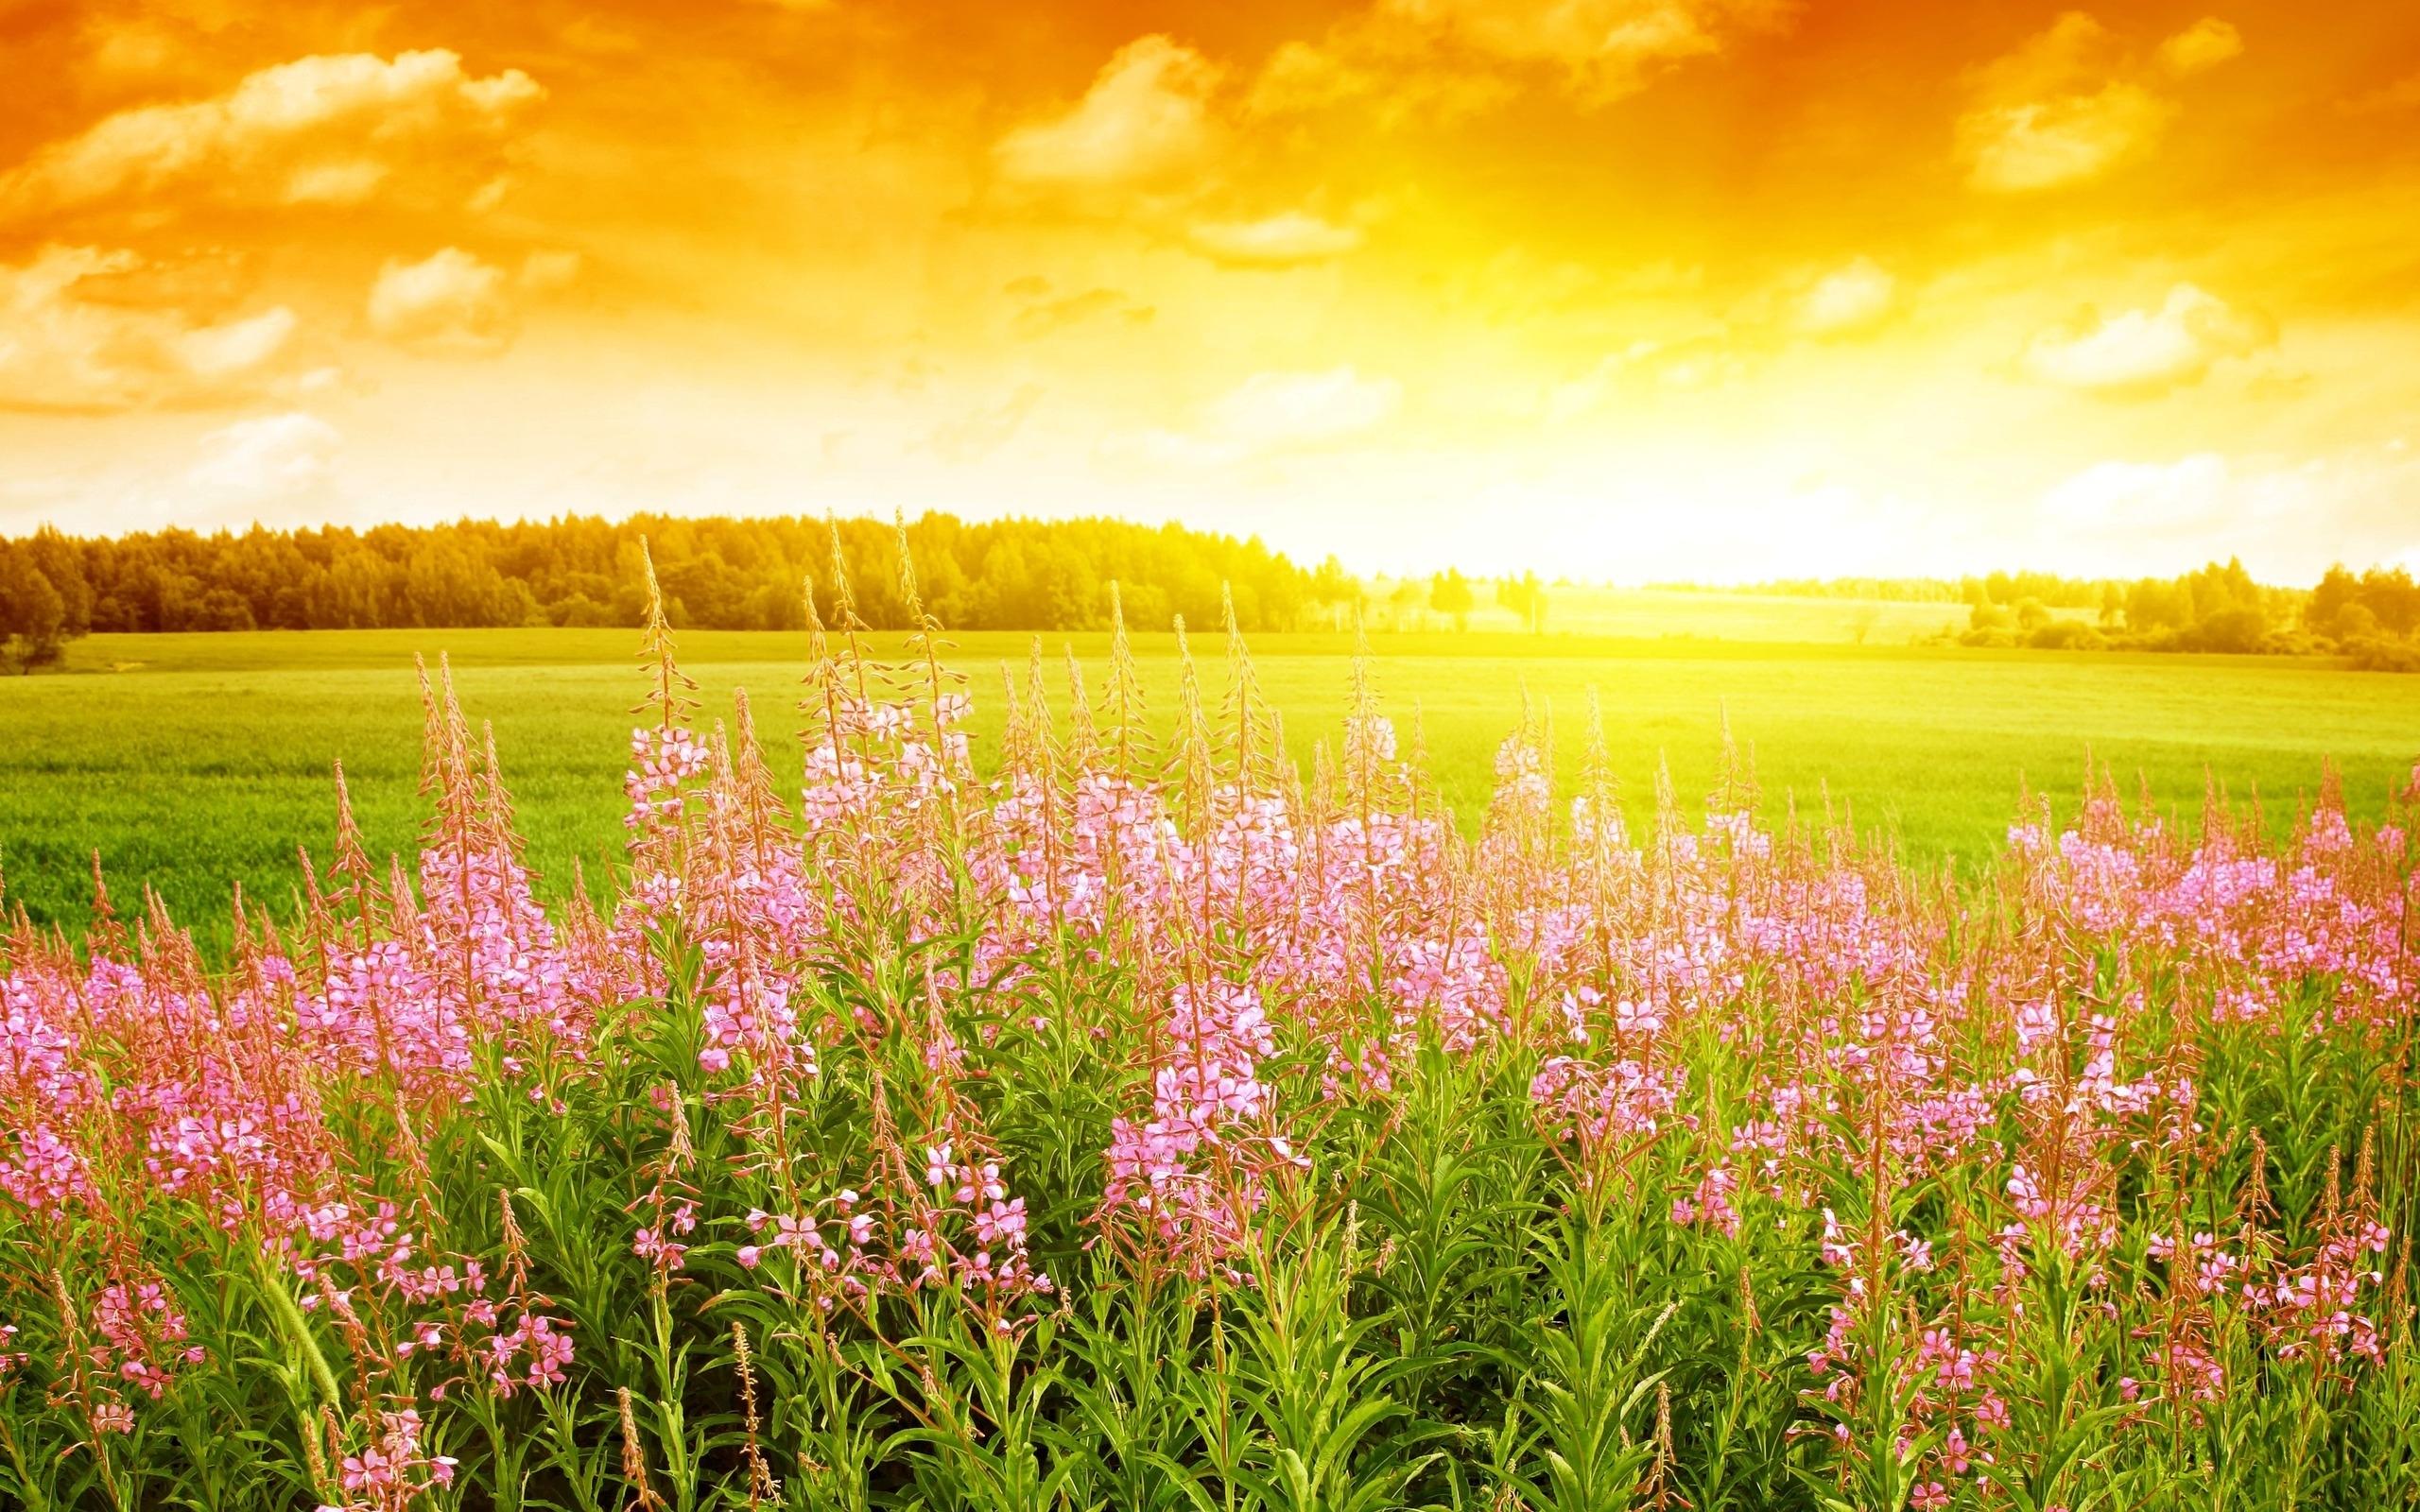 46047 скачать Желтые обои на телефон бесплатно, Пейзаж, Природа, Поля Желтые картинки и заставки на мобильный